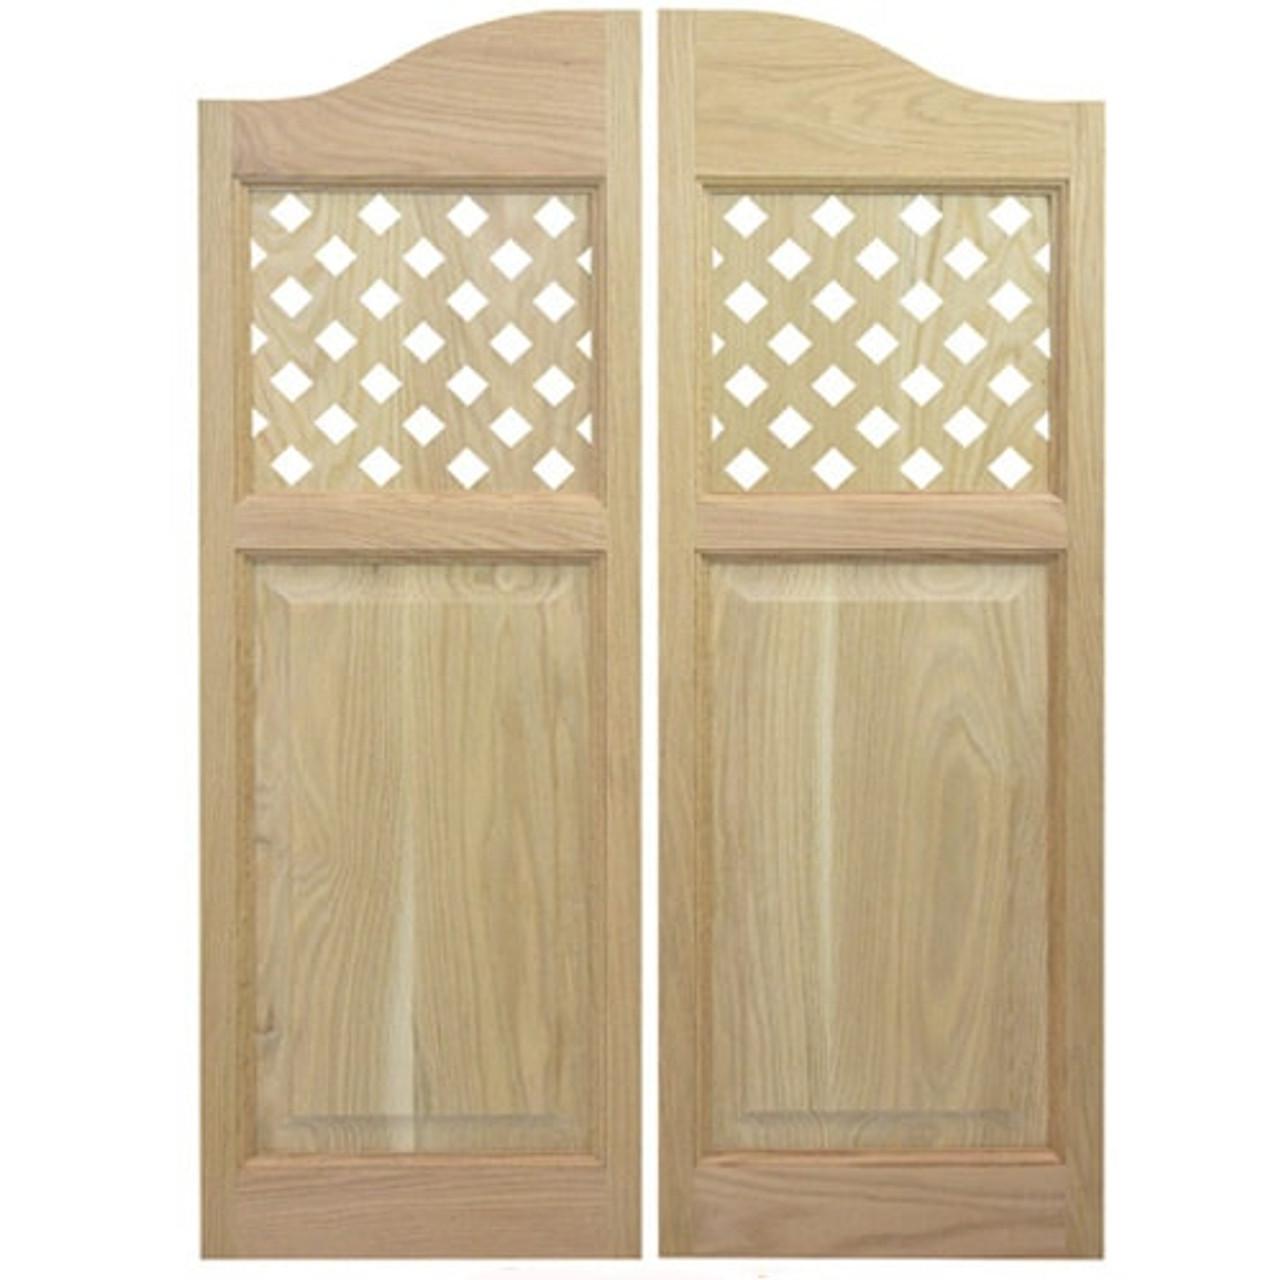 Lattice Style Cafe Doors | Saloon Doors